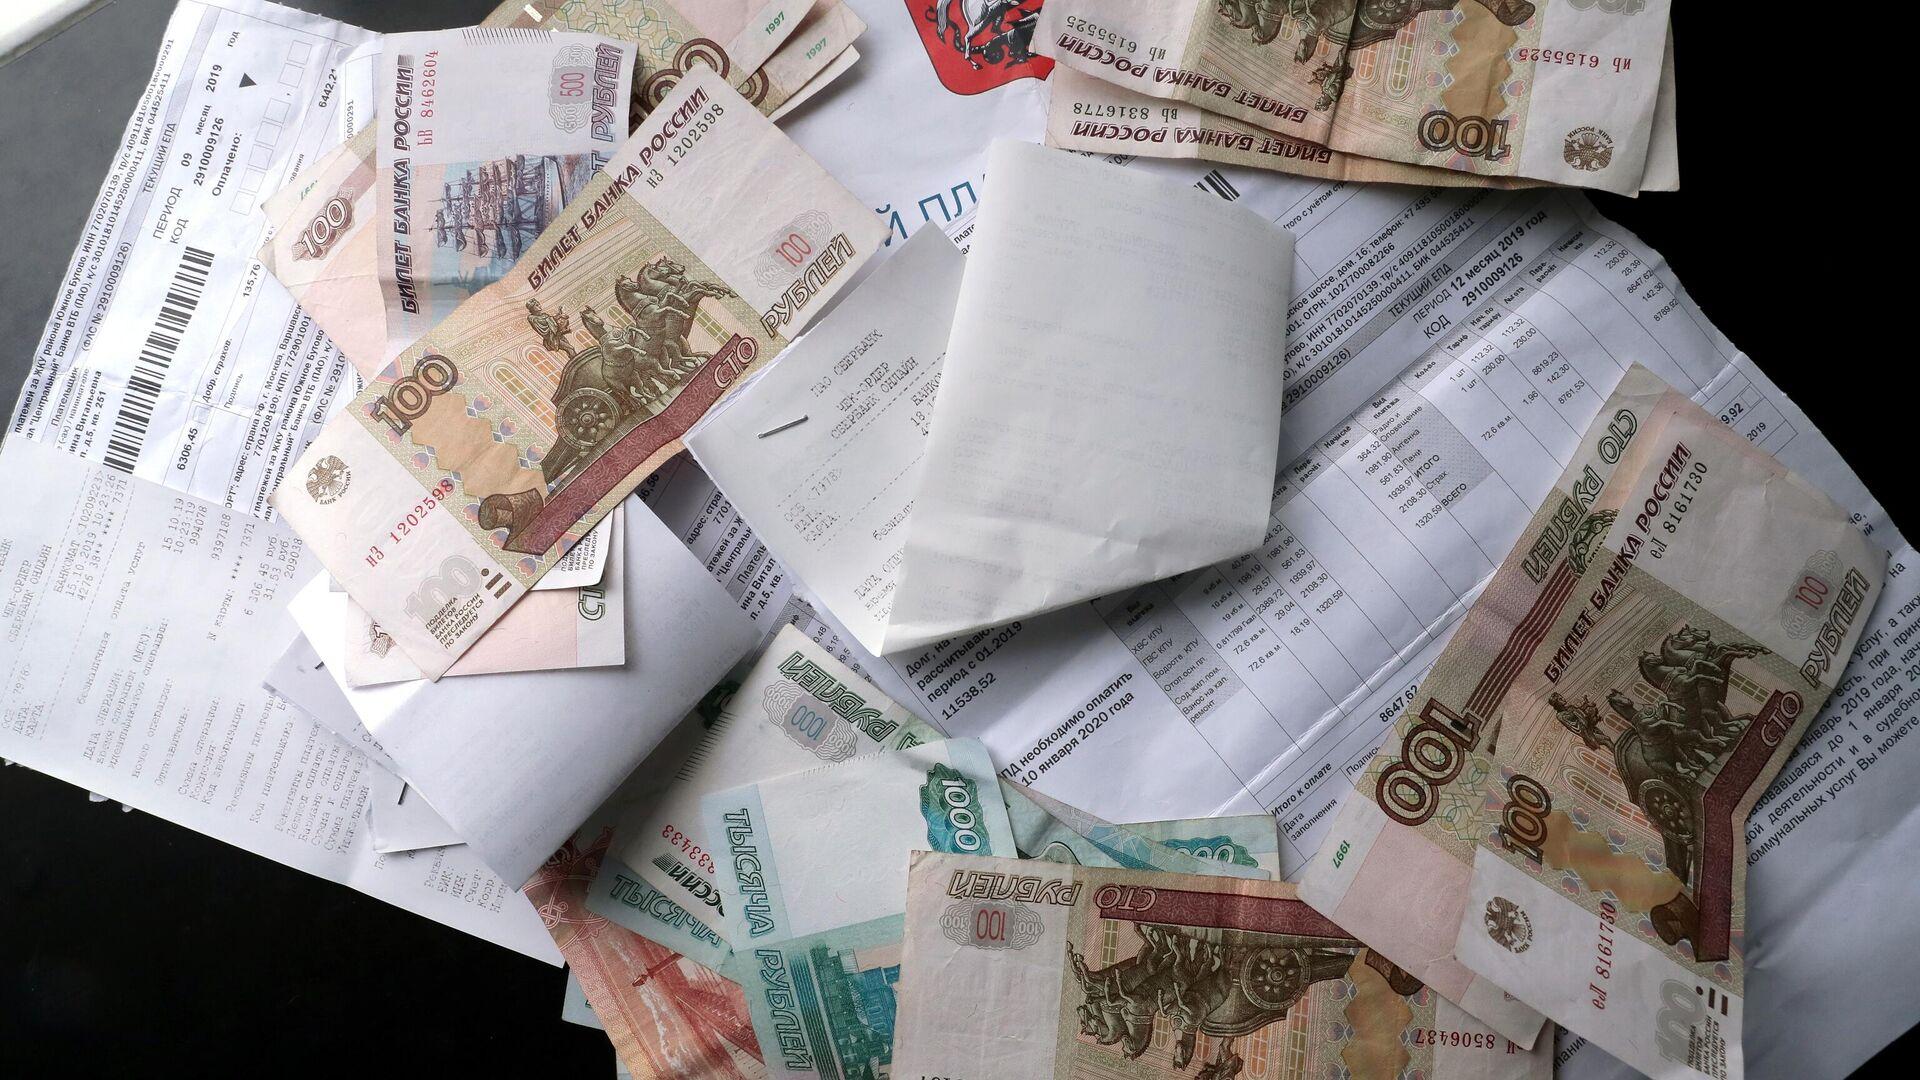 В 2020 году в России вырастут тарифы ЖКХ - РИА Новости, 1920, 23.04.2020